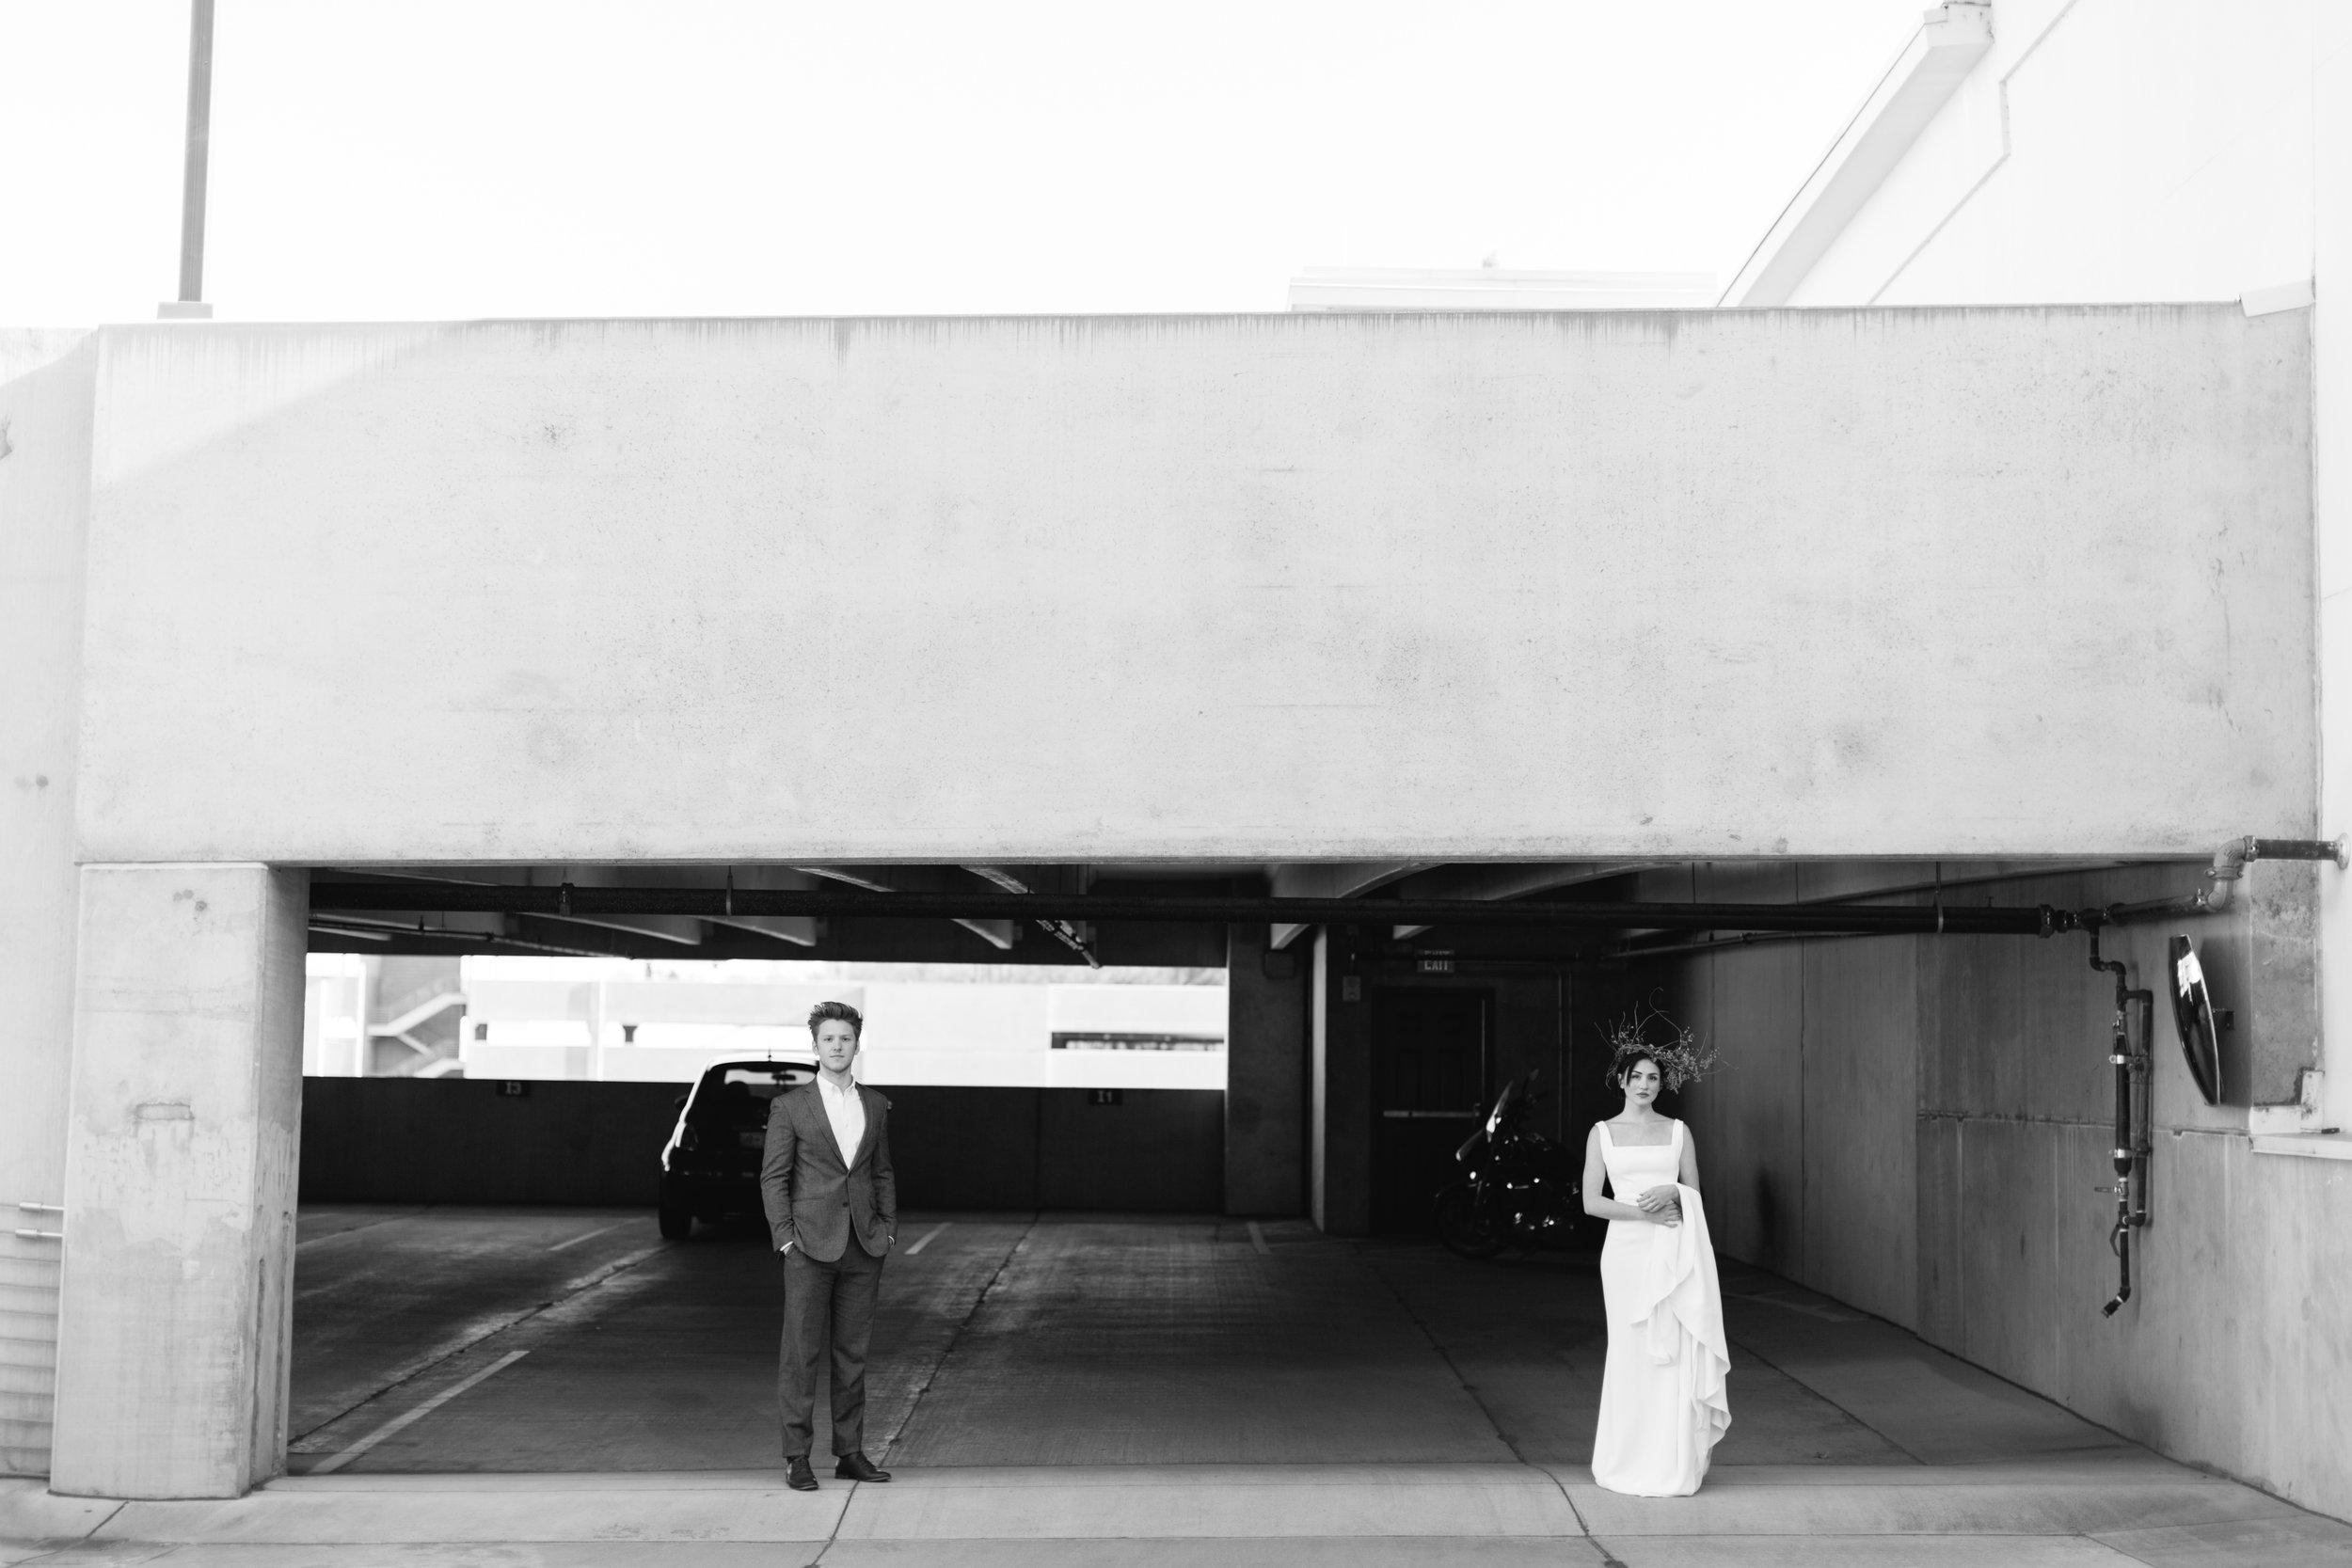 parking-garage-shoot-14.jpg